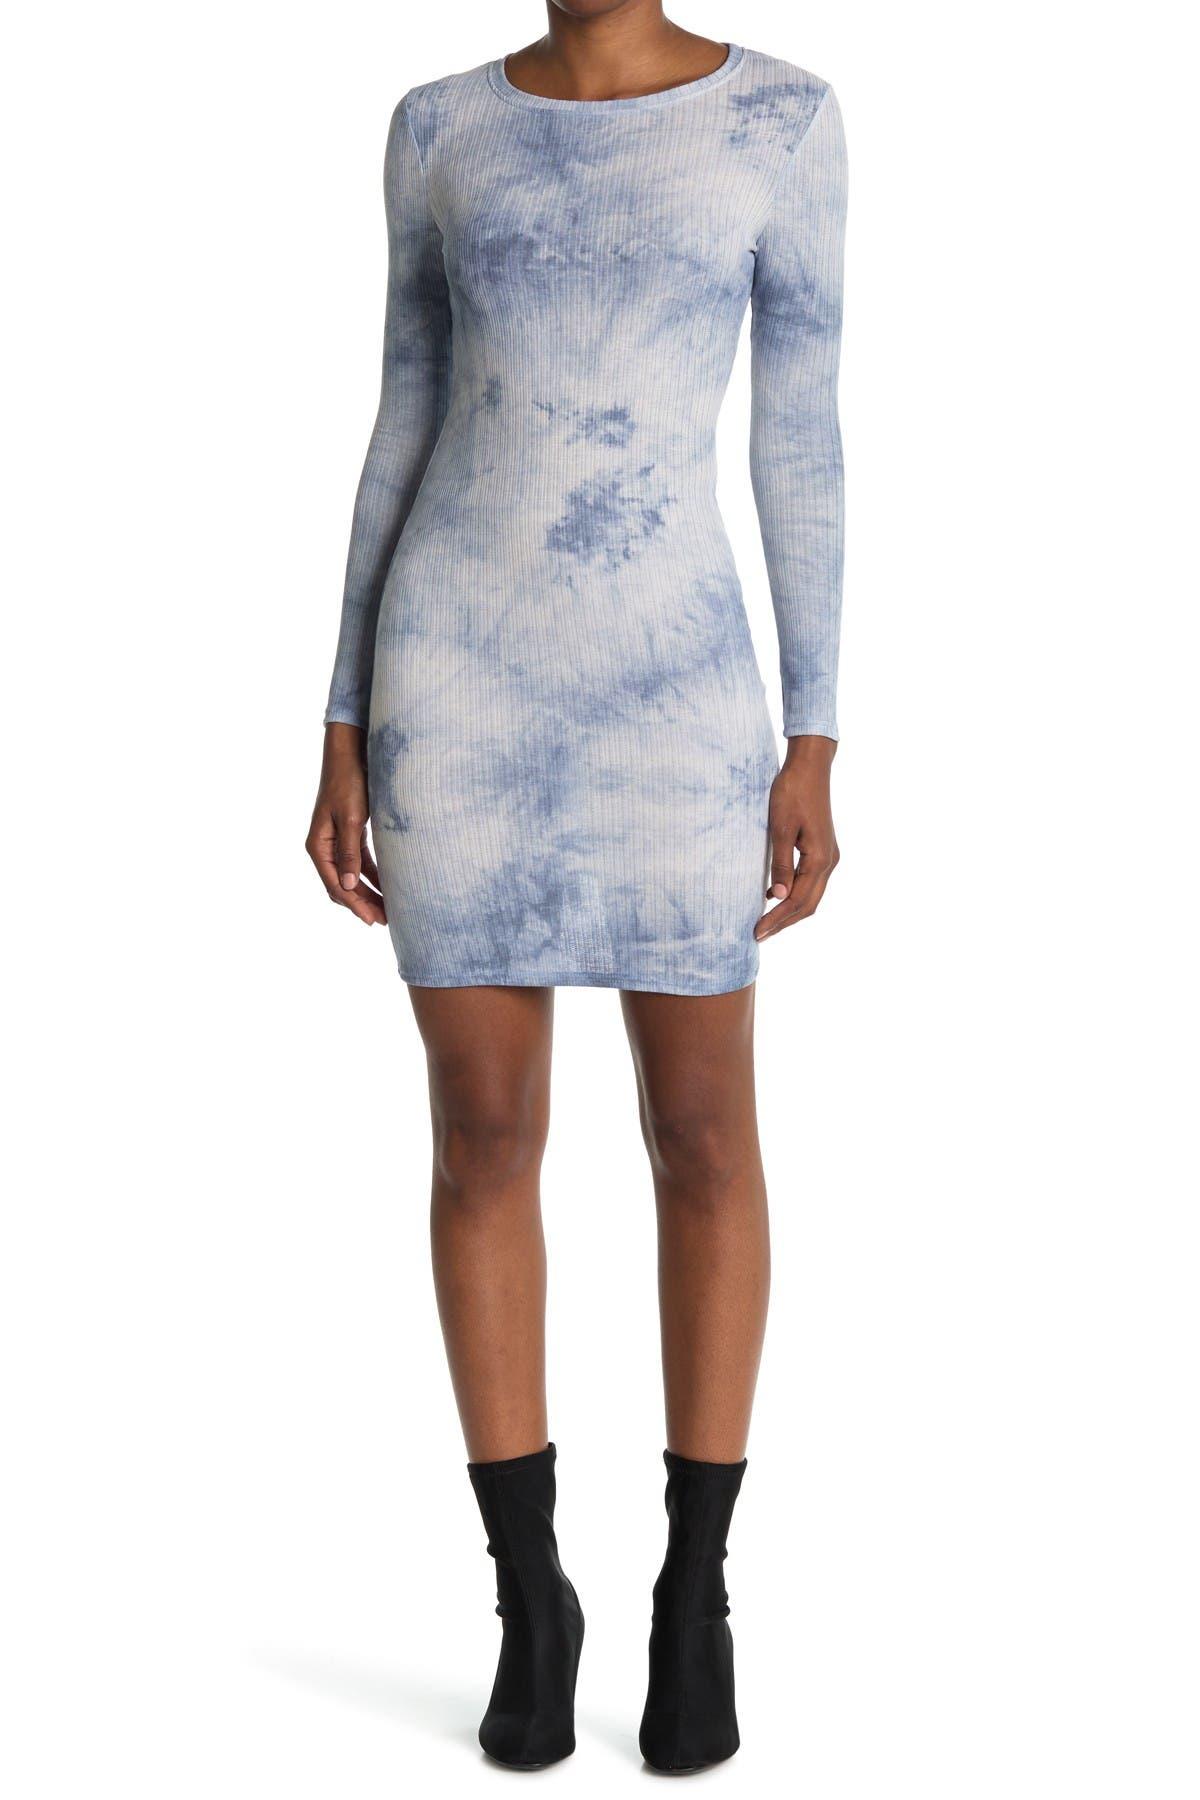 Image of Velvet Torch Tie Dye Ribbed Long Sleeve Mini Dress